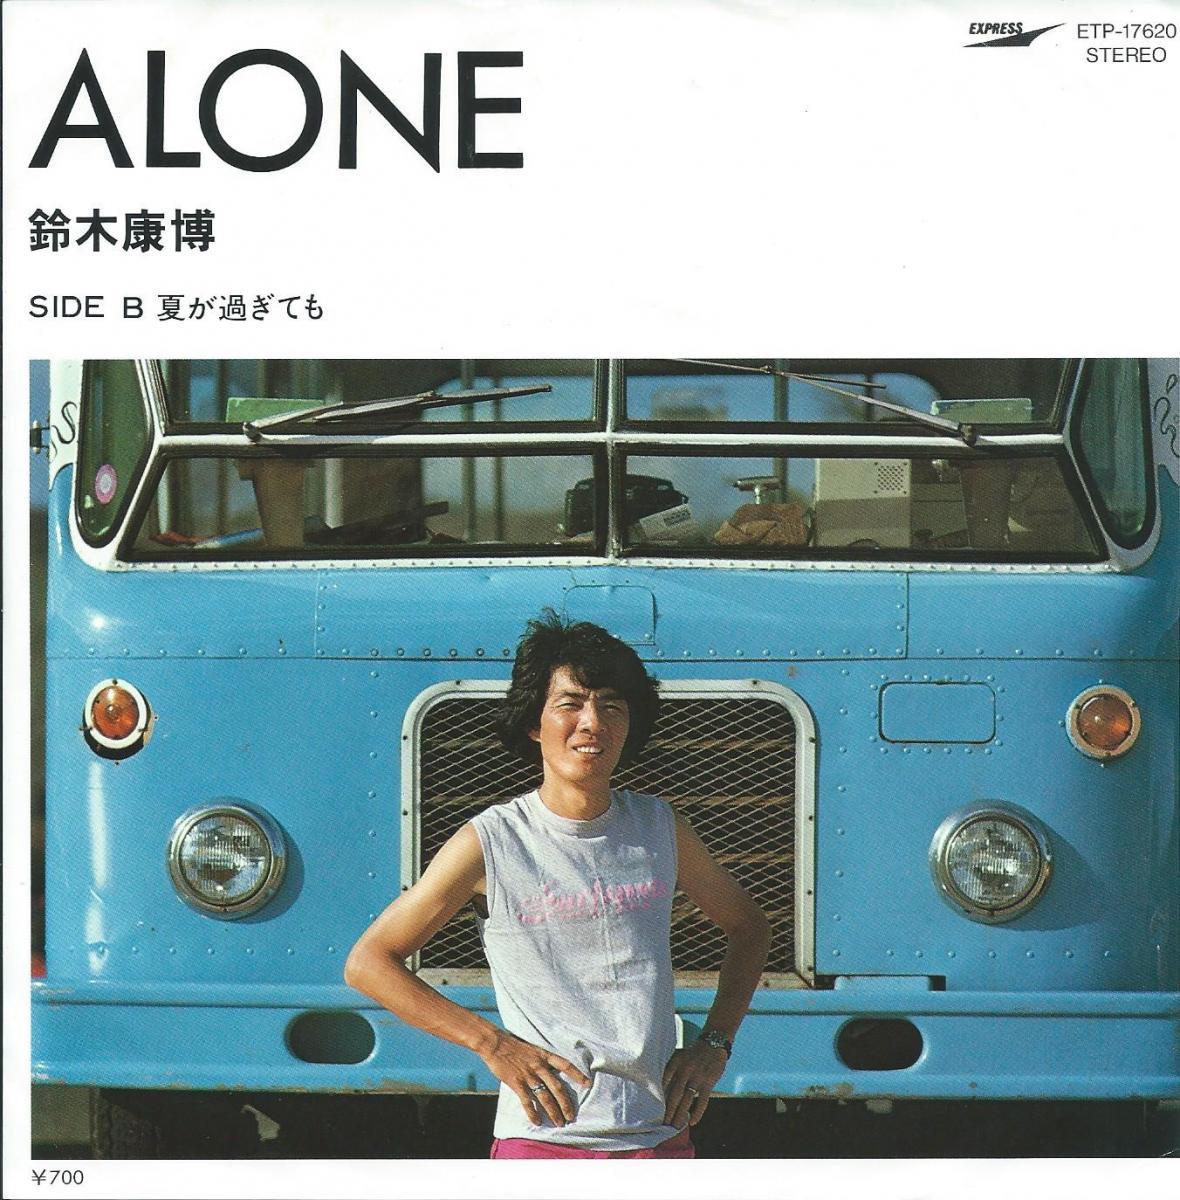 鈴木康博 YASUHIRO SUZUKI / ALONE / 夏が過ぎても (7